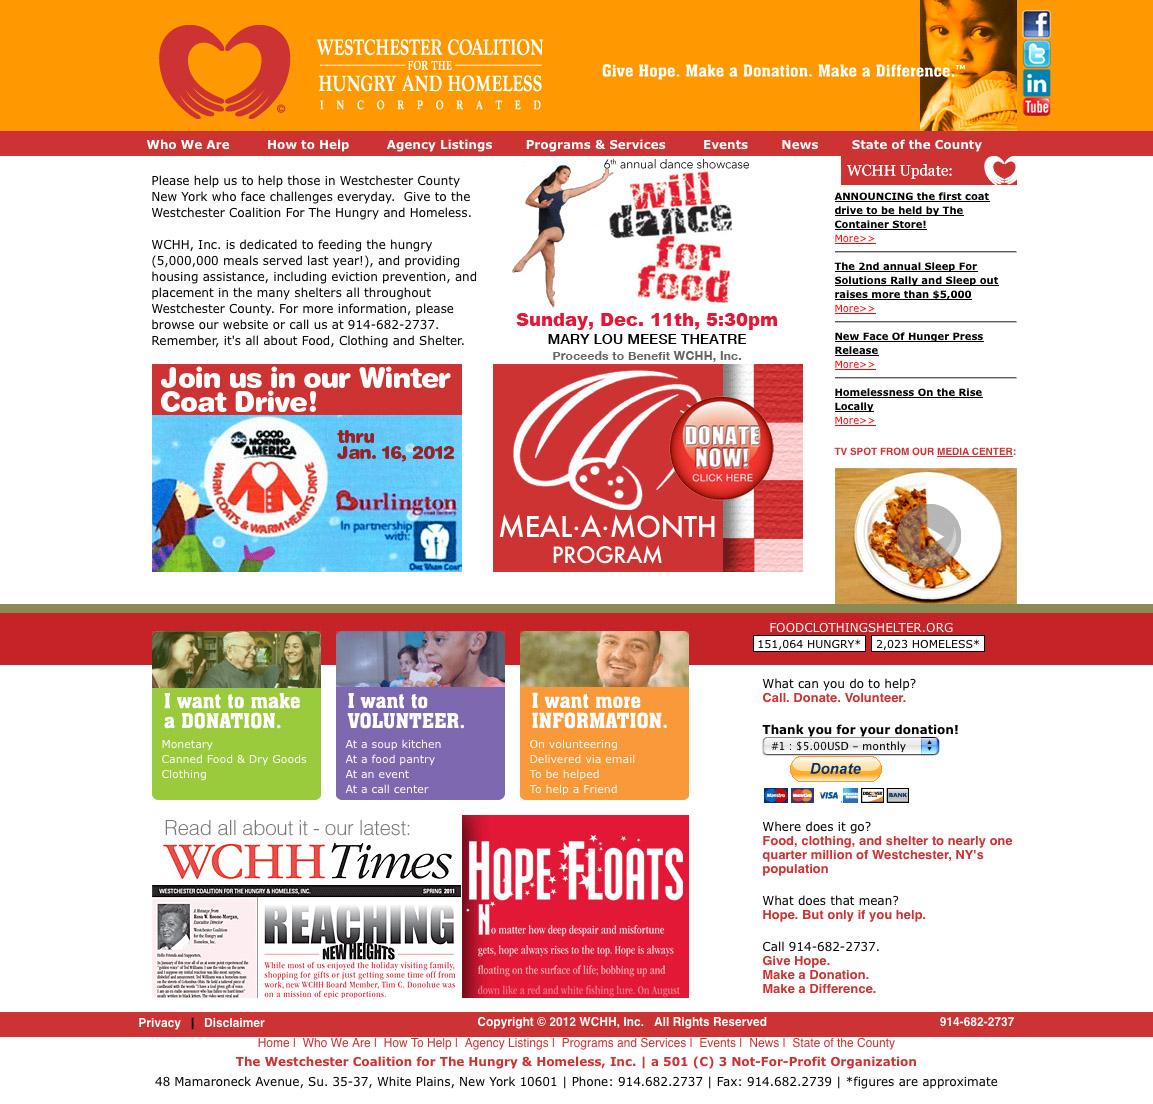 westchester-coalition-website-old